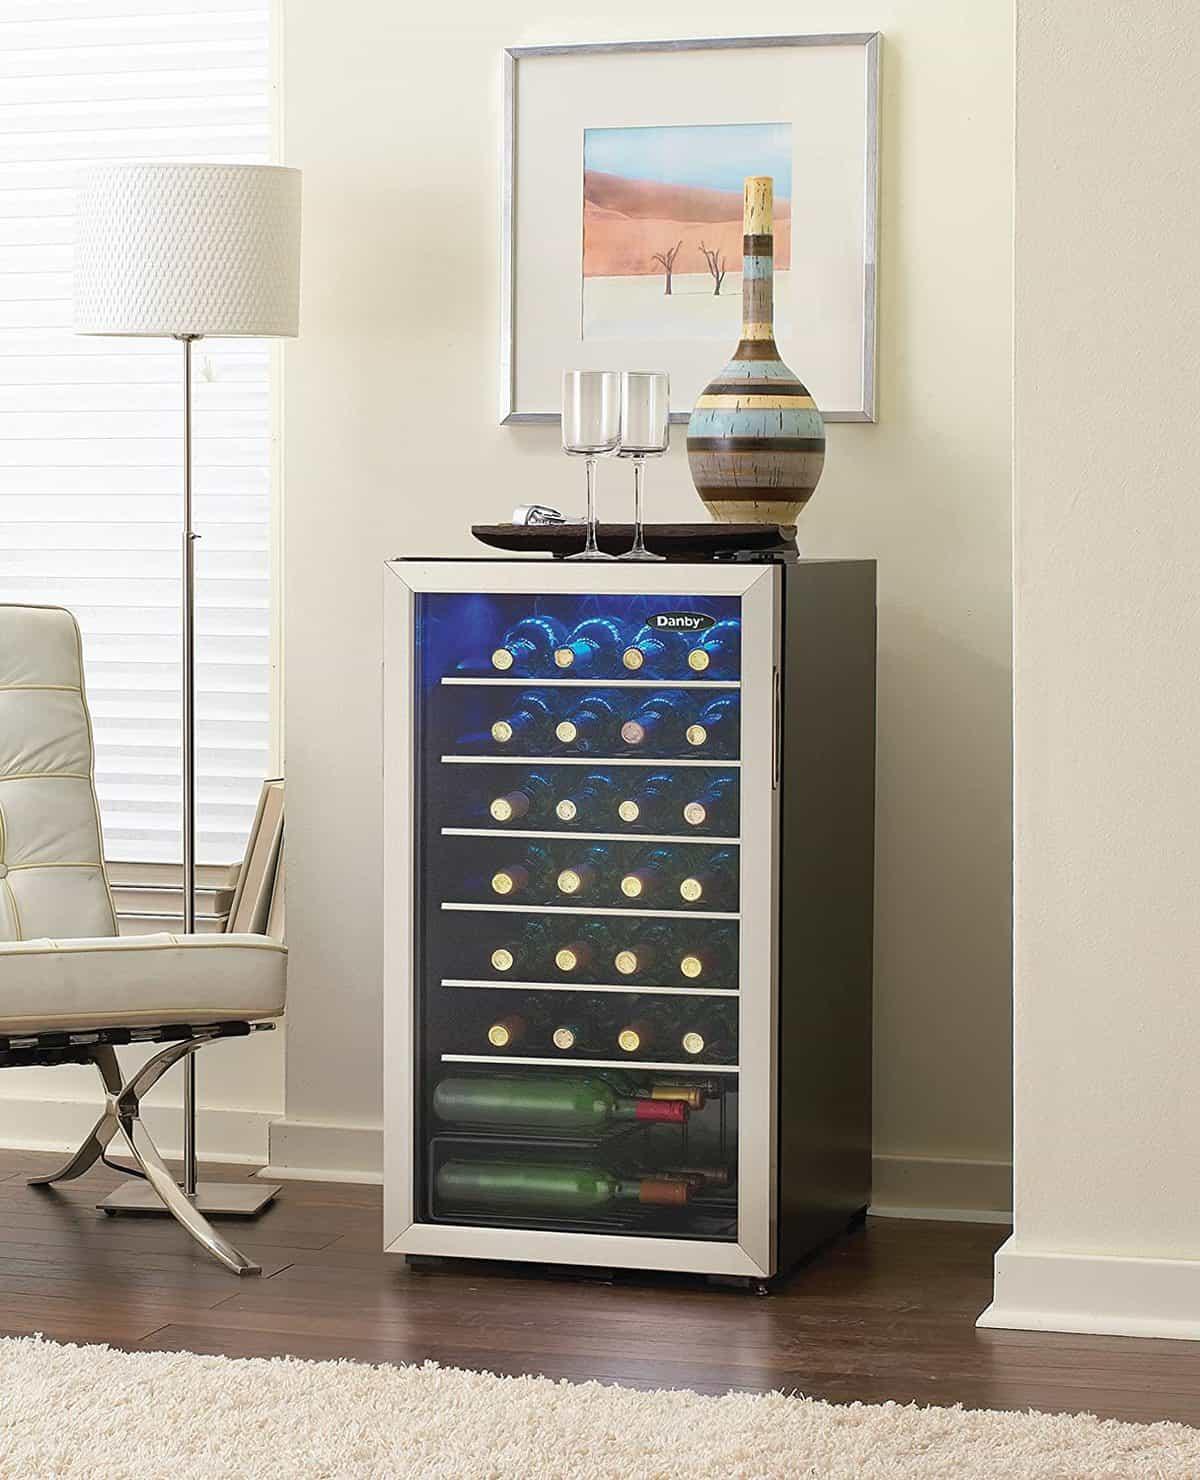 Danby 36 Bottle Single Zone Freestanding Wine Refrigerator